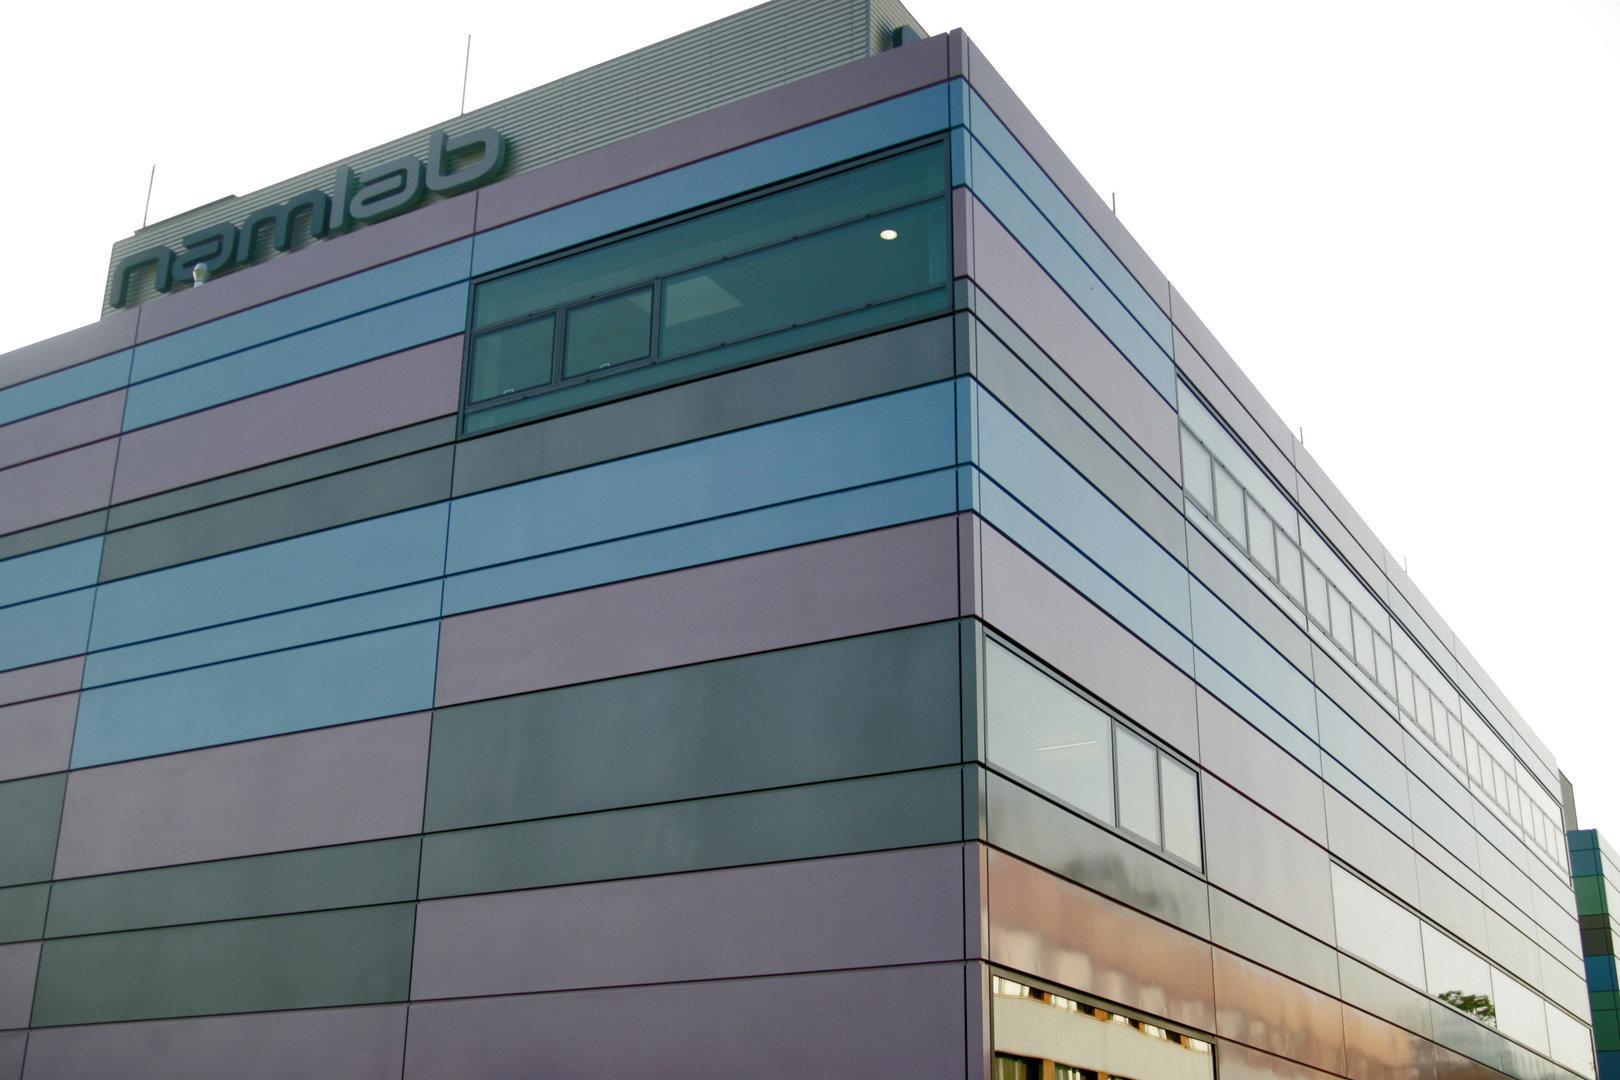 Das neu gebaute Gebäude des NaMLab